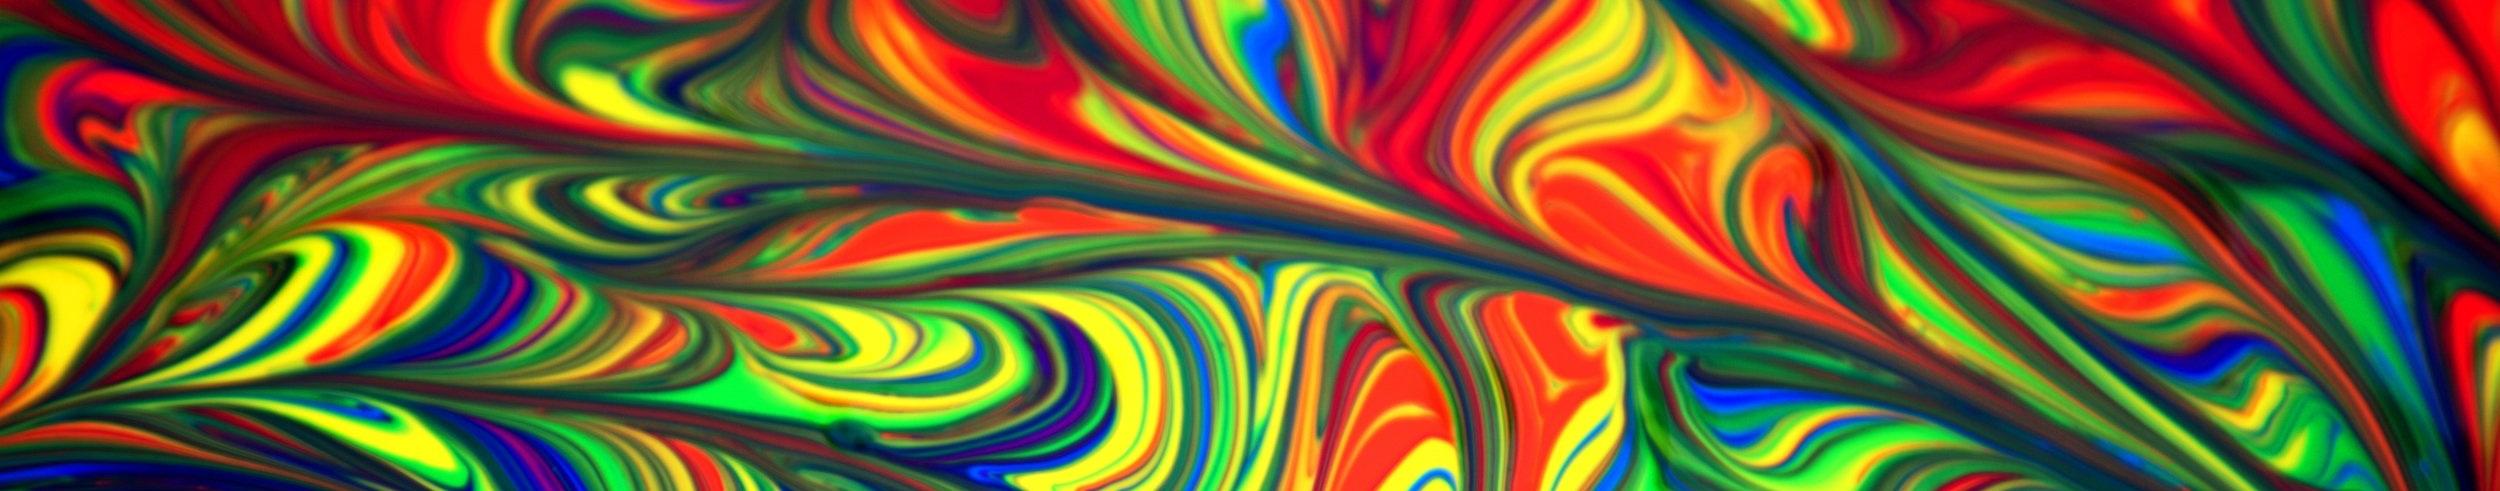 art-artistic-background-1566909.jpg